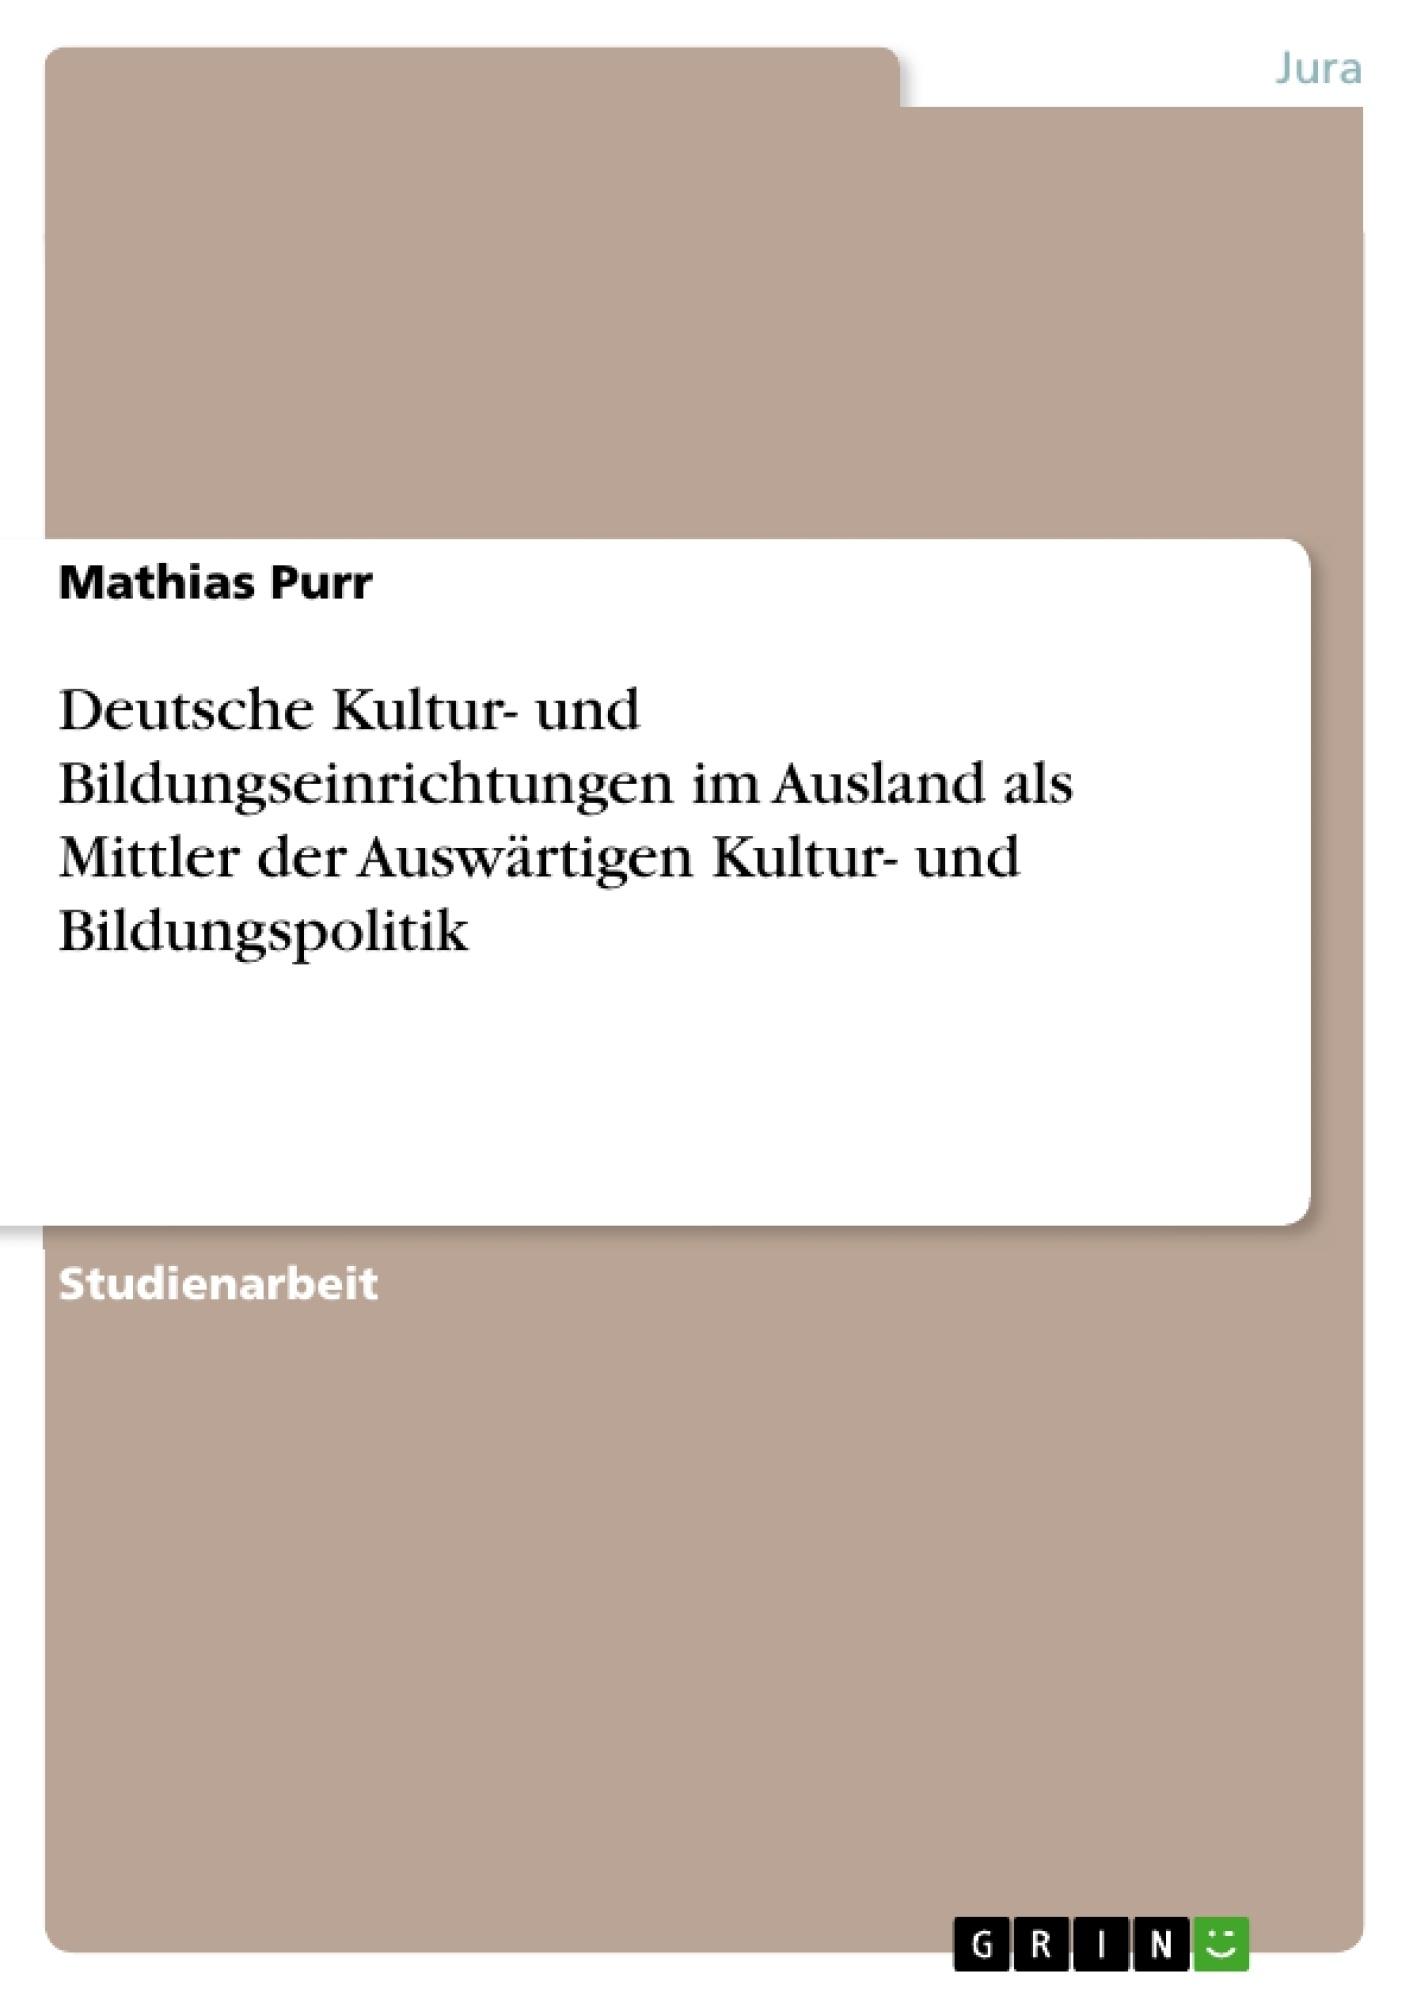 Titel: Deutsche Kultur- und Bildungseinrichtungen im Ausland als Mittler der Auswärtigen Kultur- und Bildungspolitik